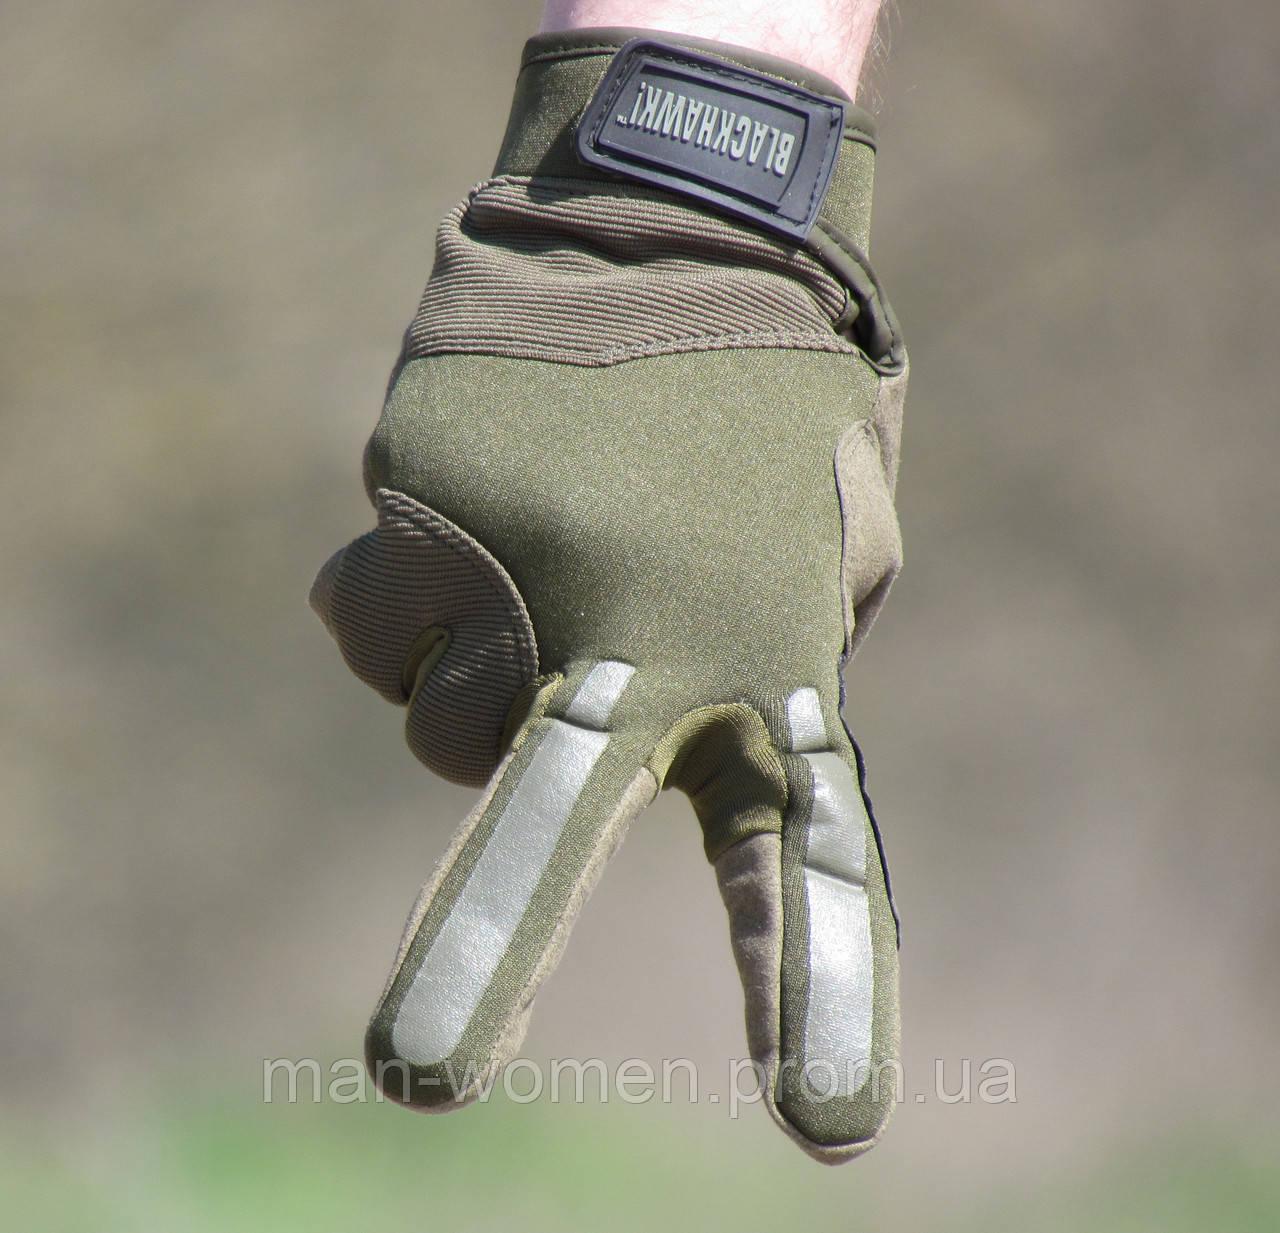 Перчатки тактические BLACKHAWK (Блэкхоук). Олива